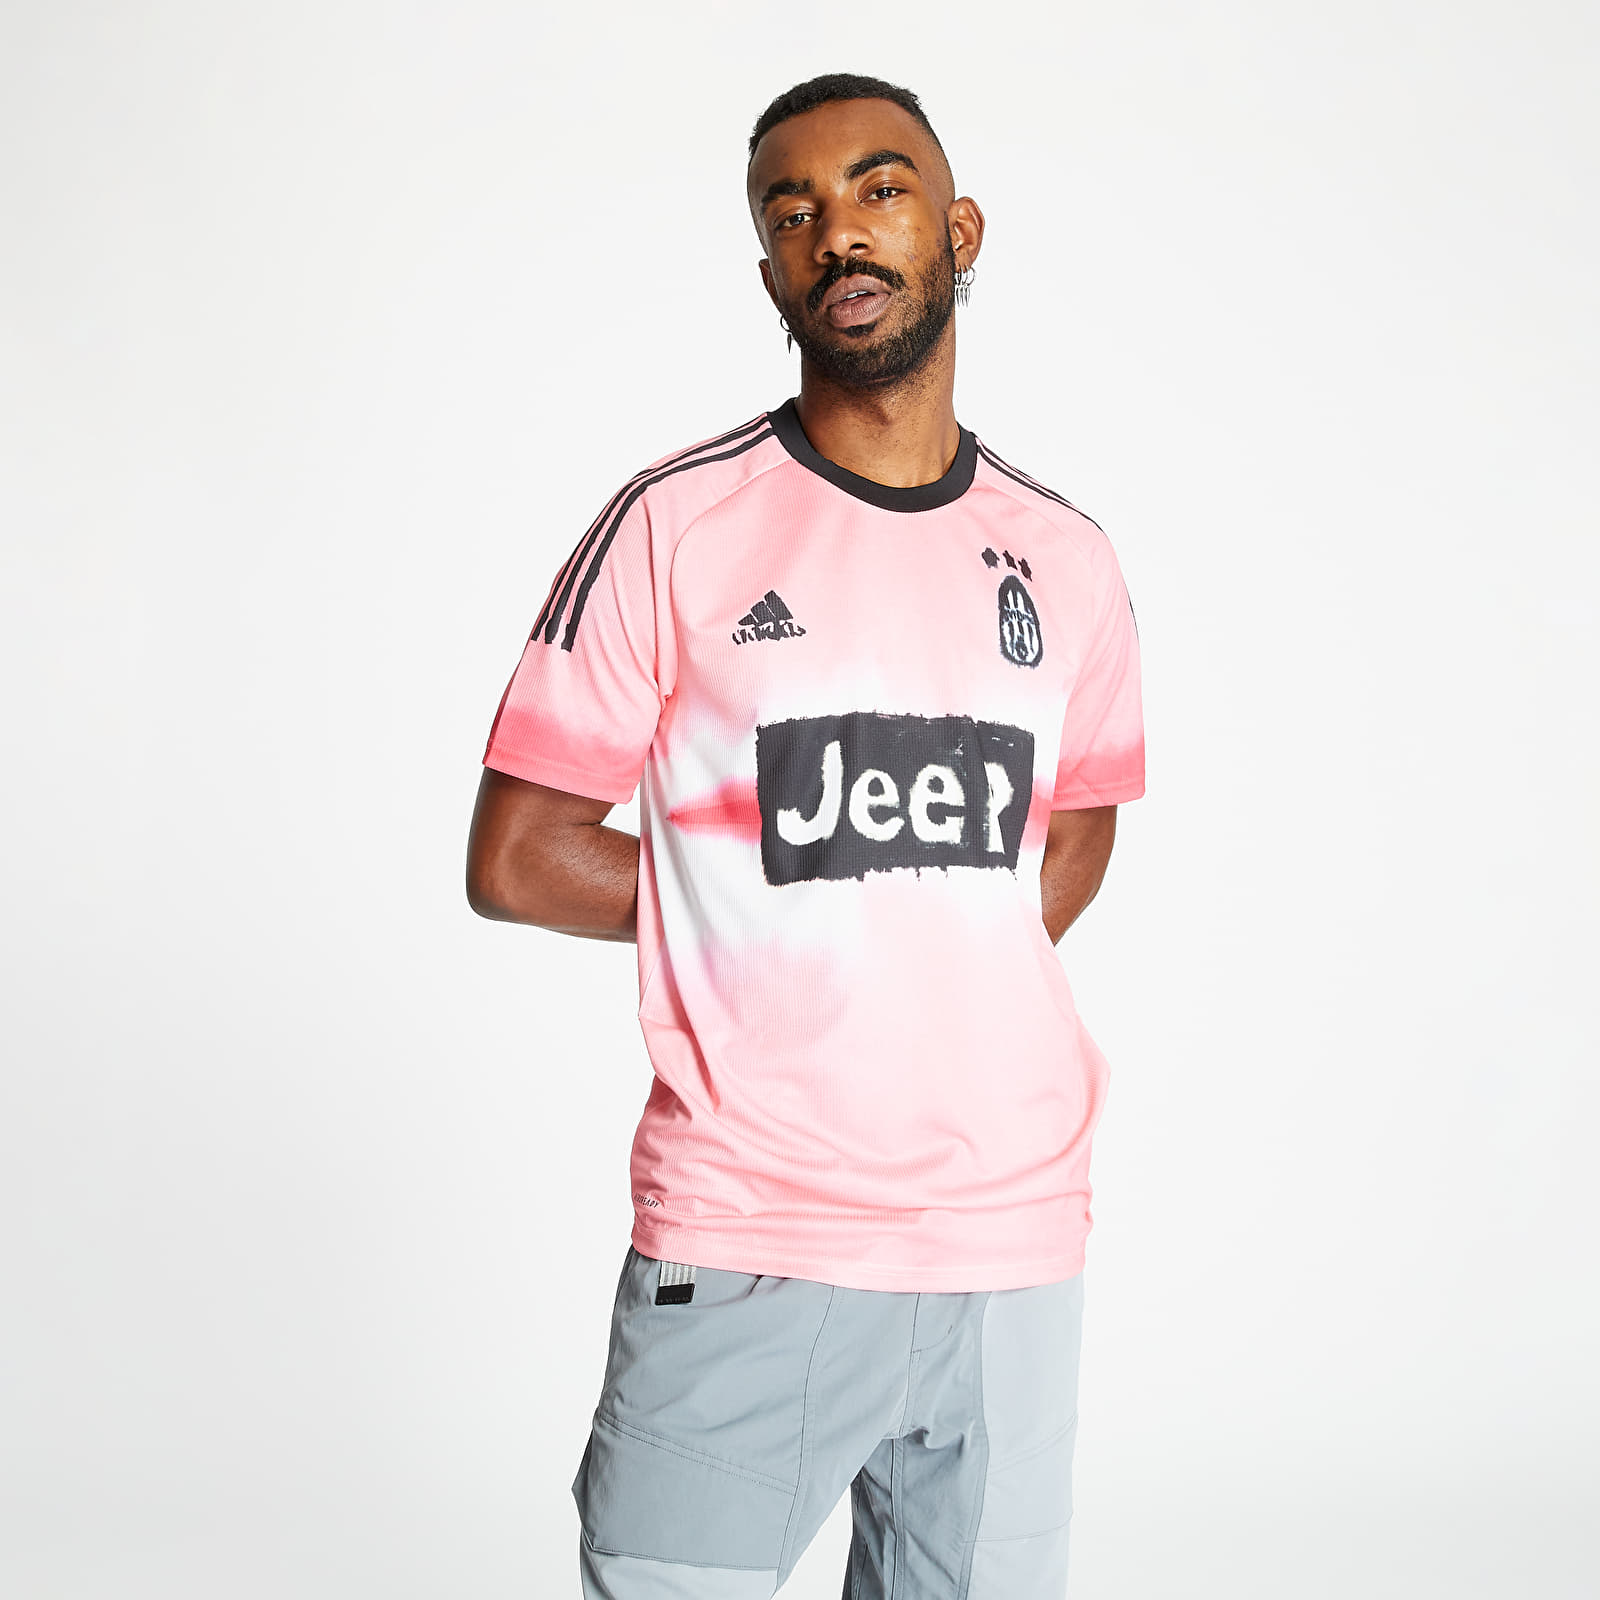 t shirts adidas juventus human race jersey glow pink black footshop